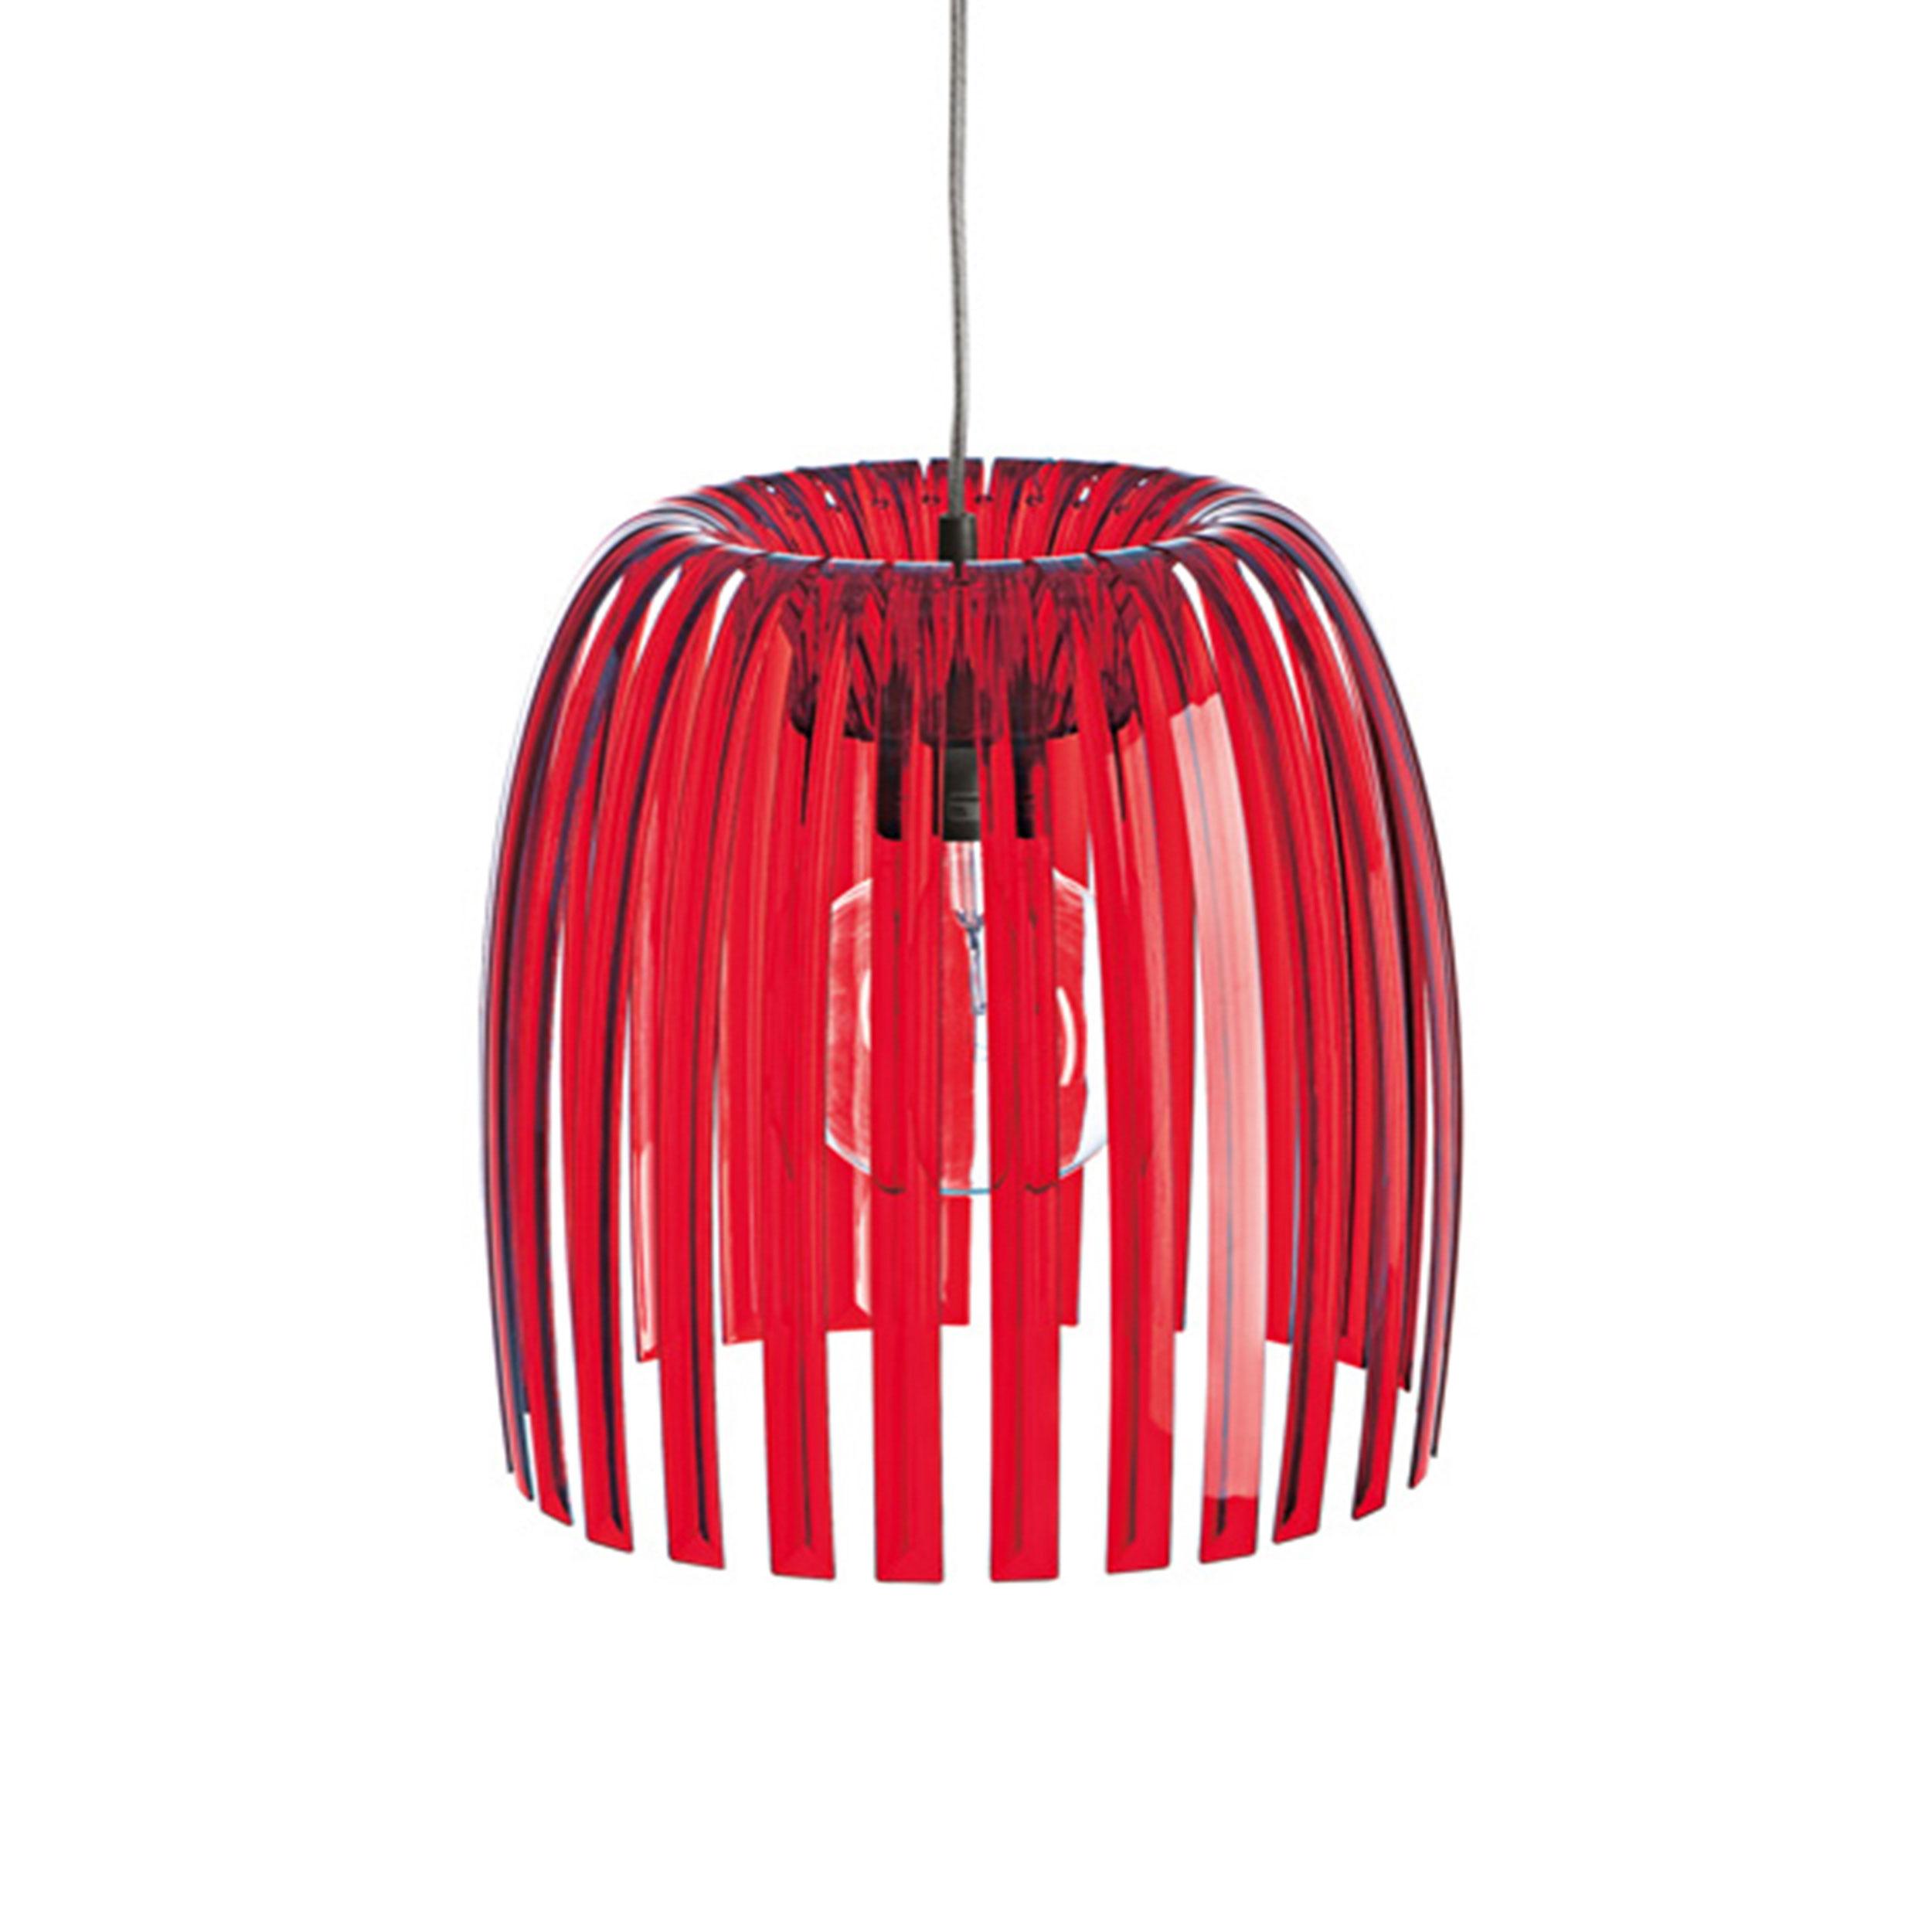 Koziol Hanglamp Josephine M.Koziol Josephine M Pendant Lamp Suspension Lamp Ceiling Lamp